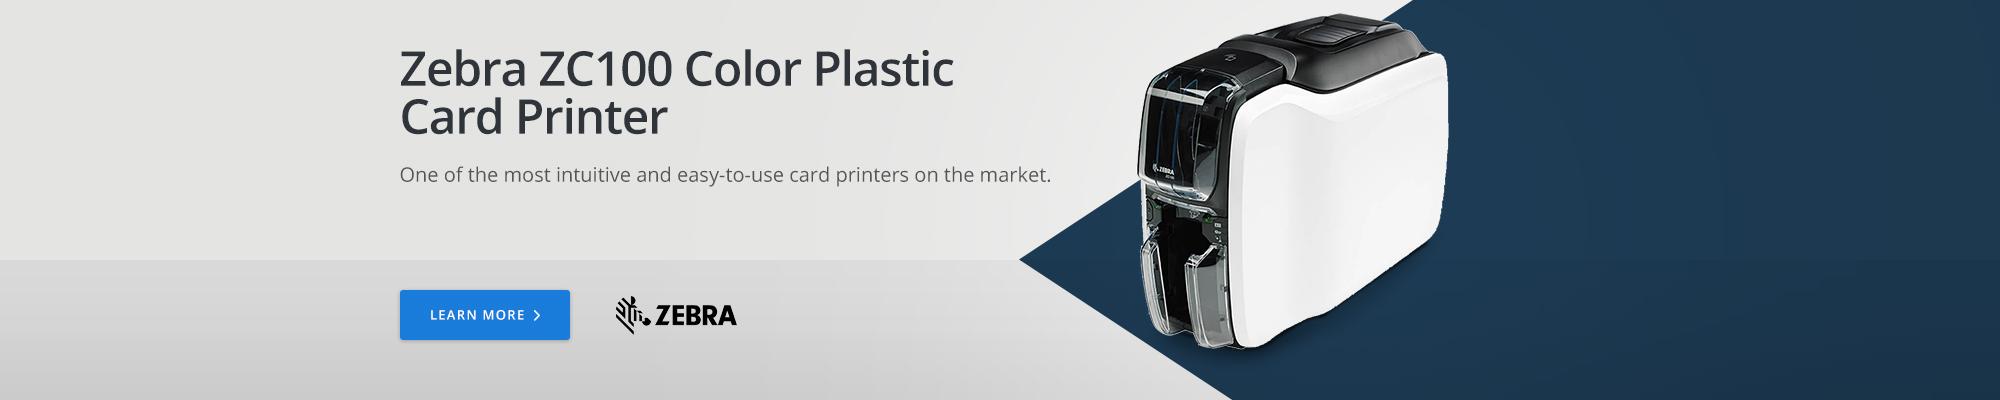 Zebra ZC100 Color Plastic Card Printer